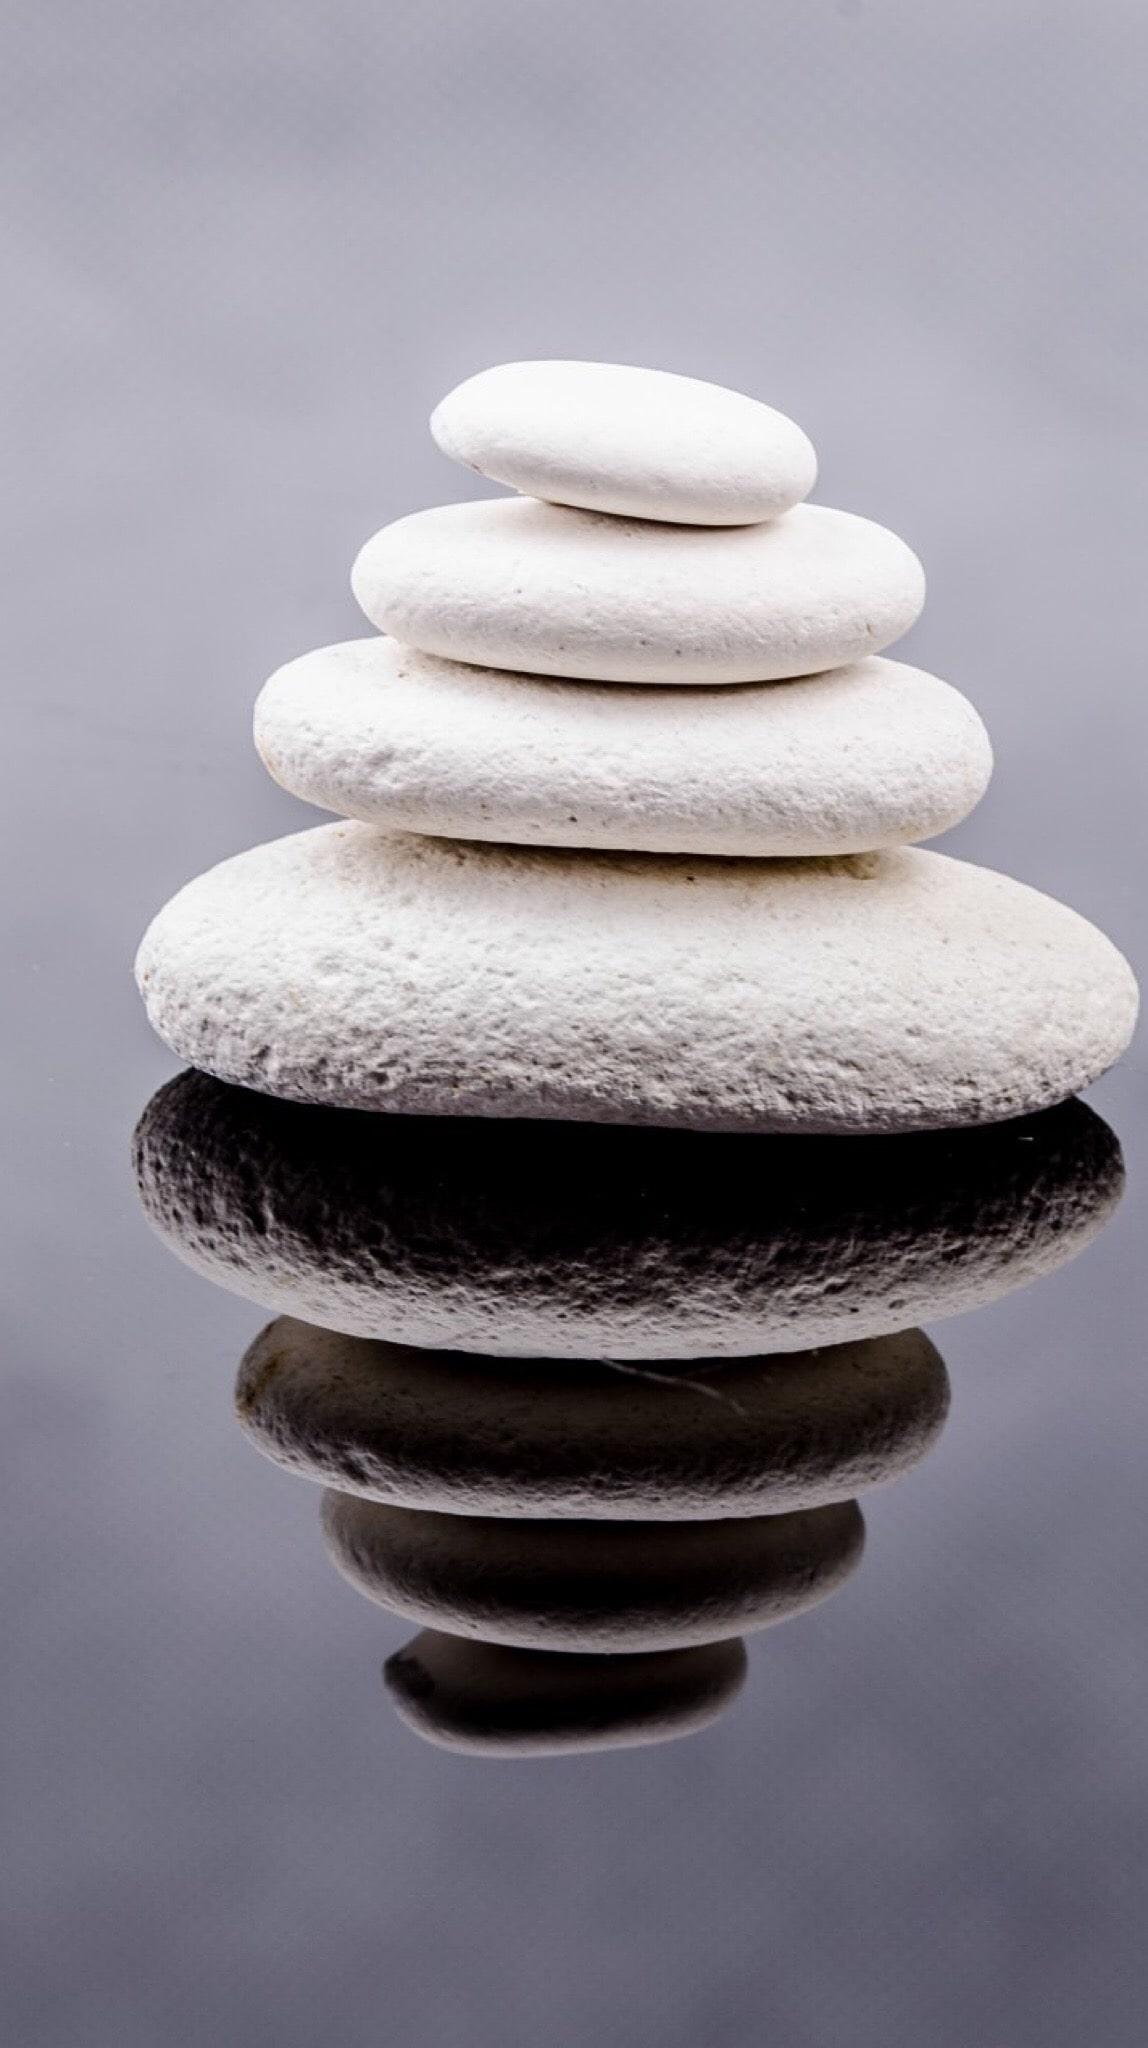 Boekje leef je leven in balans